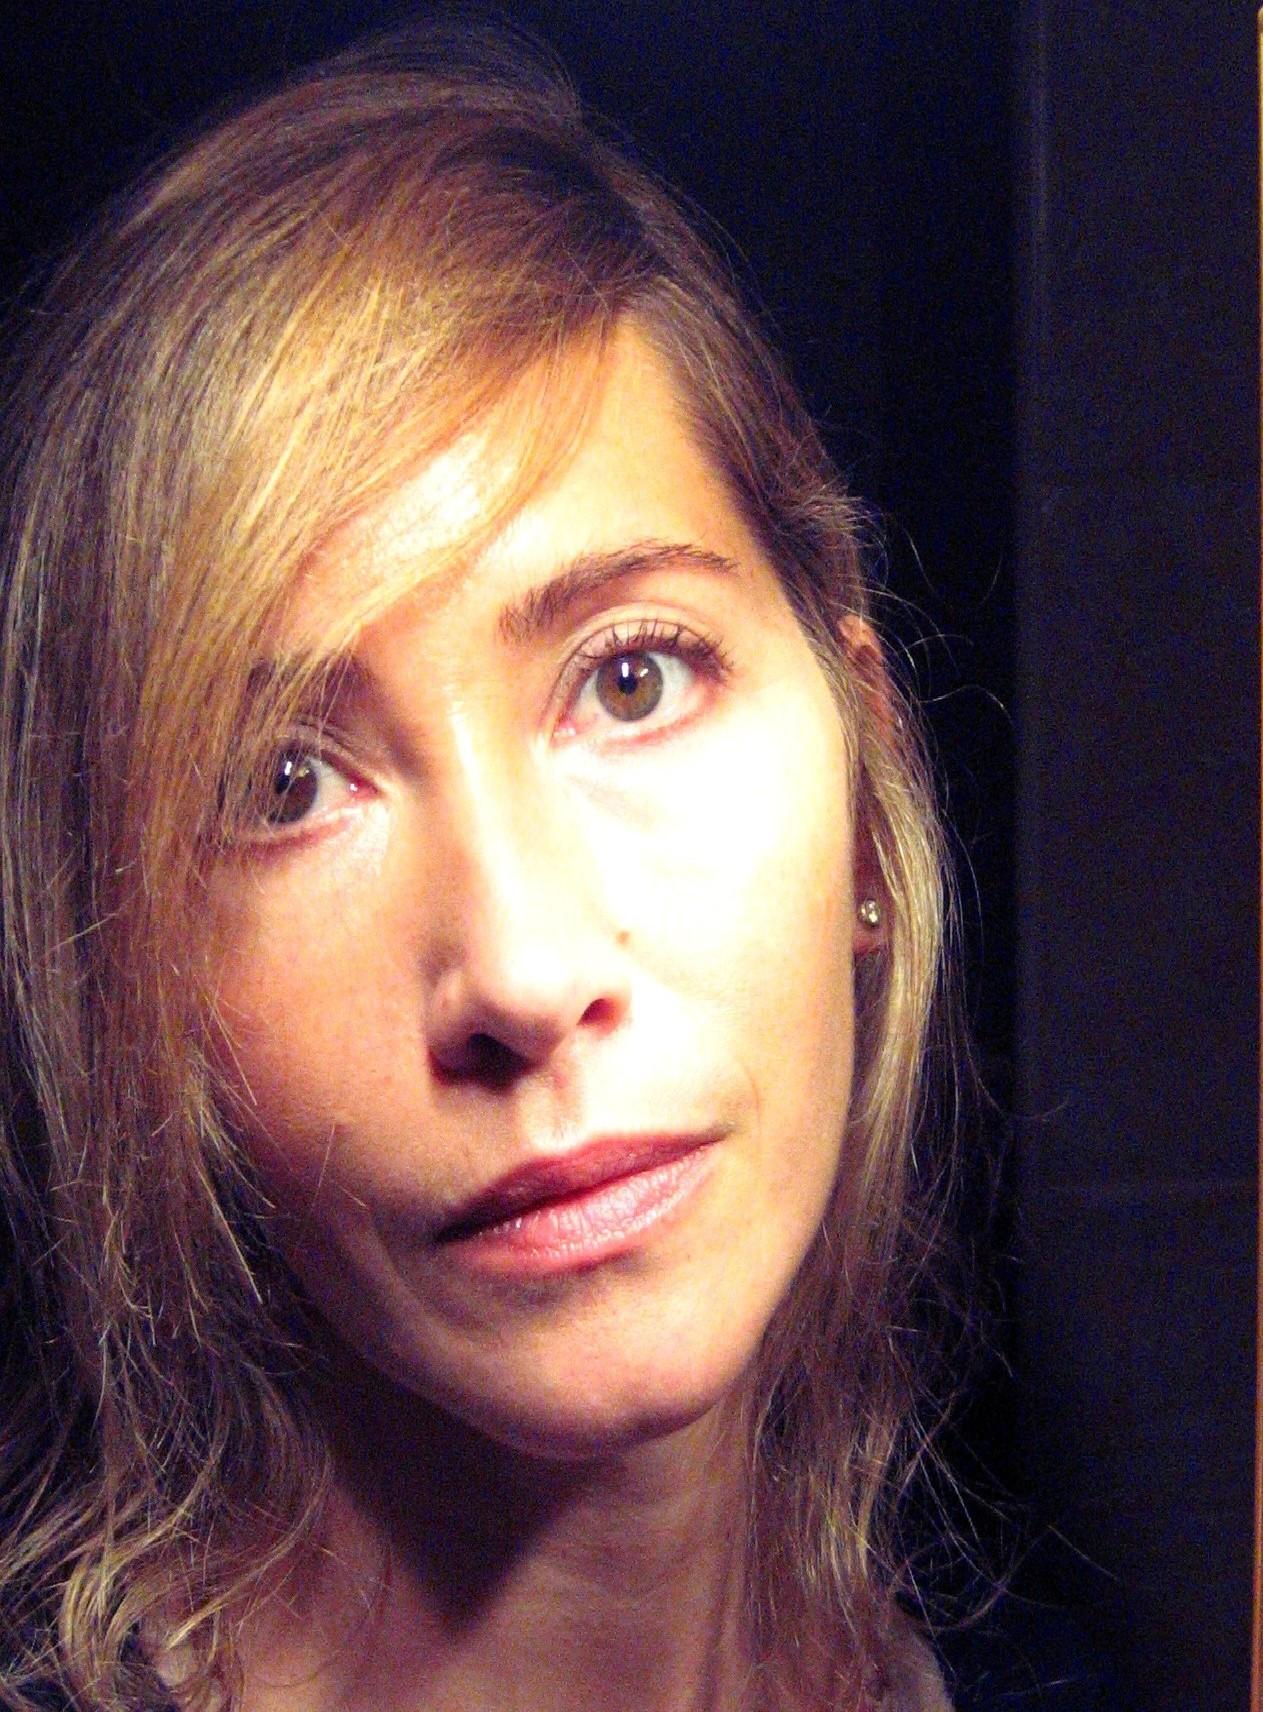 Sarah Biderman